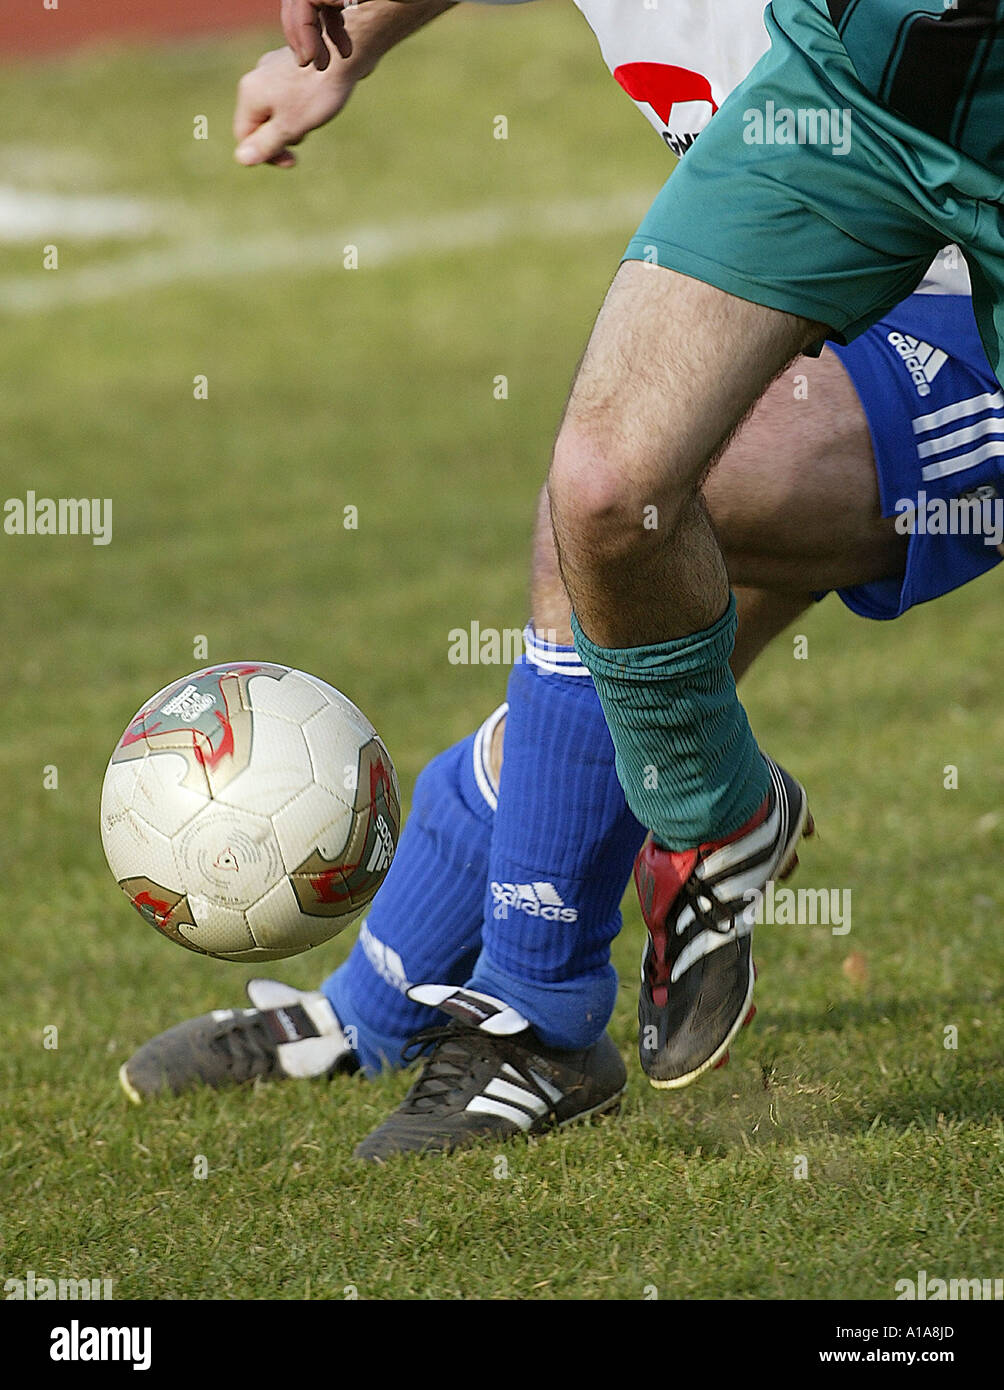 Football Duel Soccer Fussball Zweikampf Stock Photo